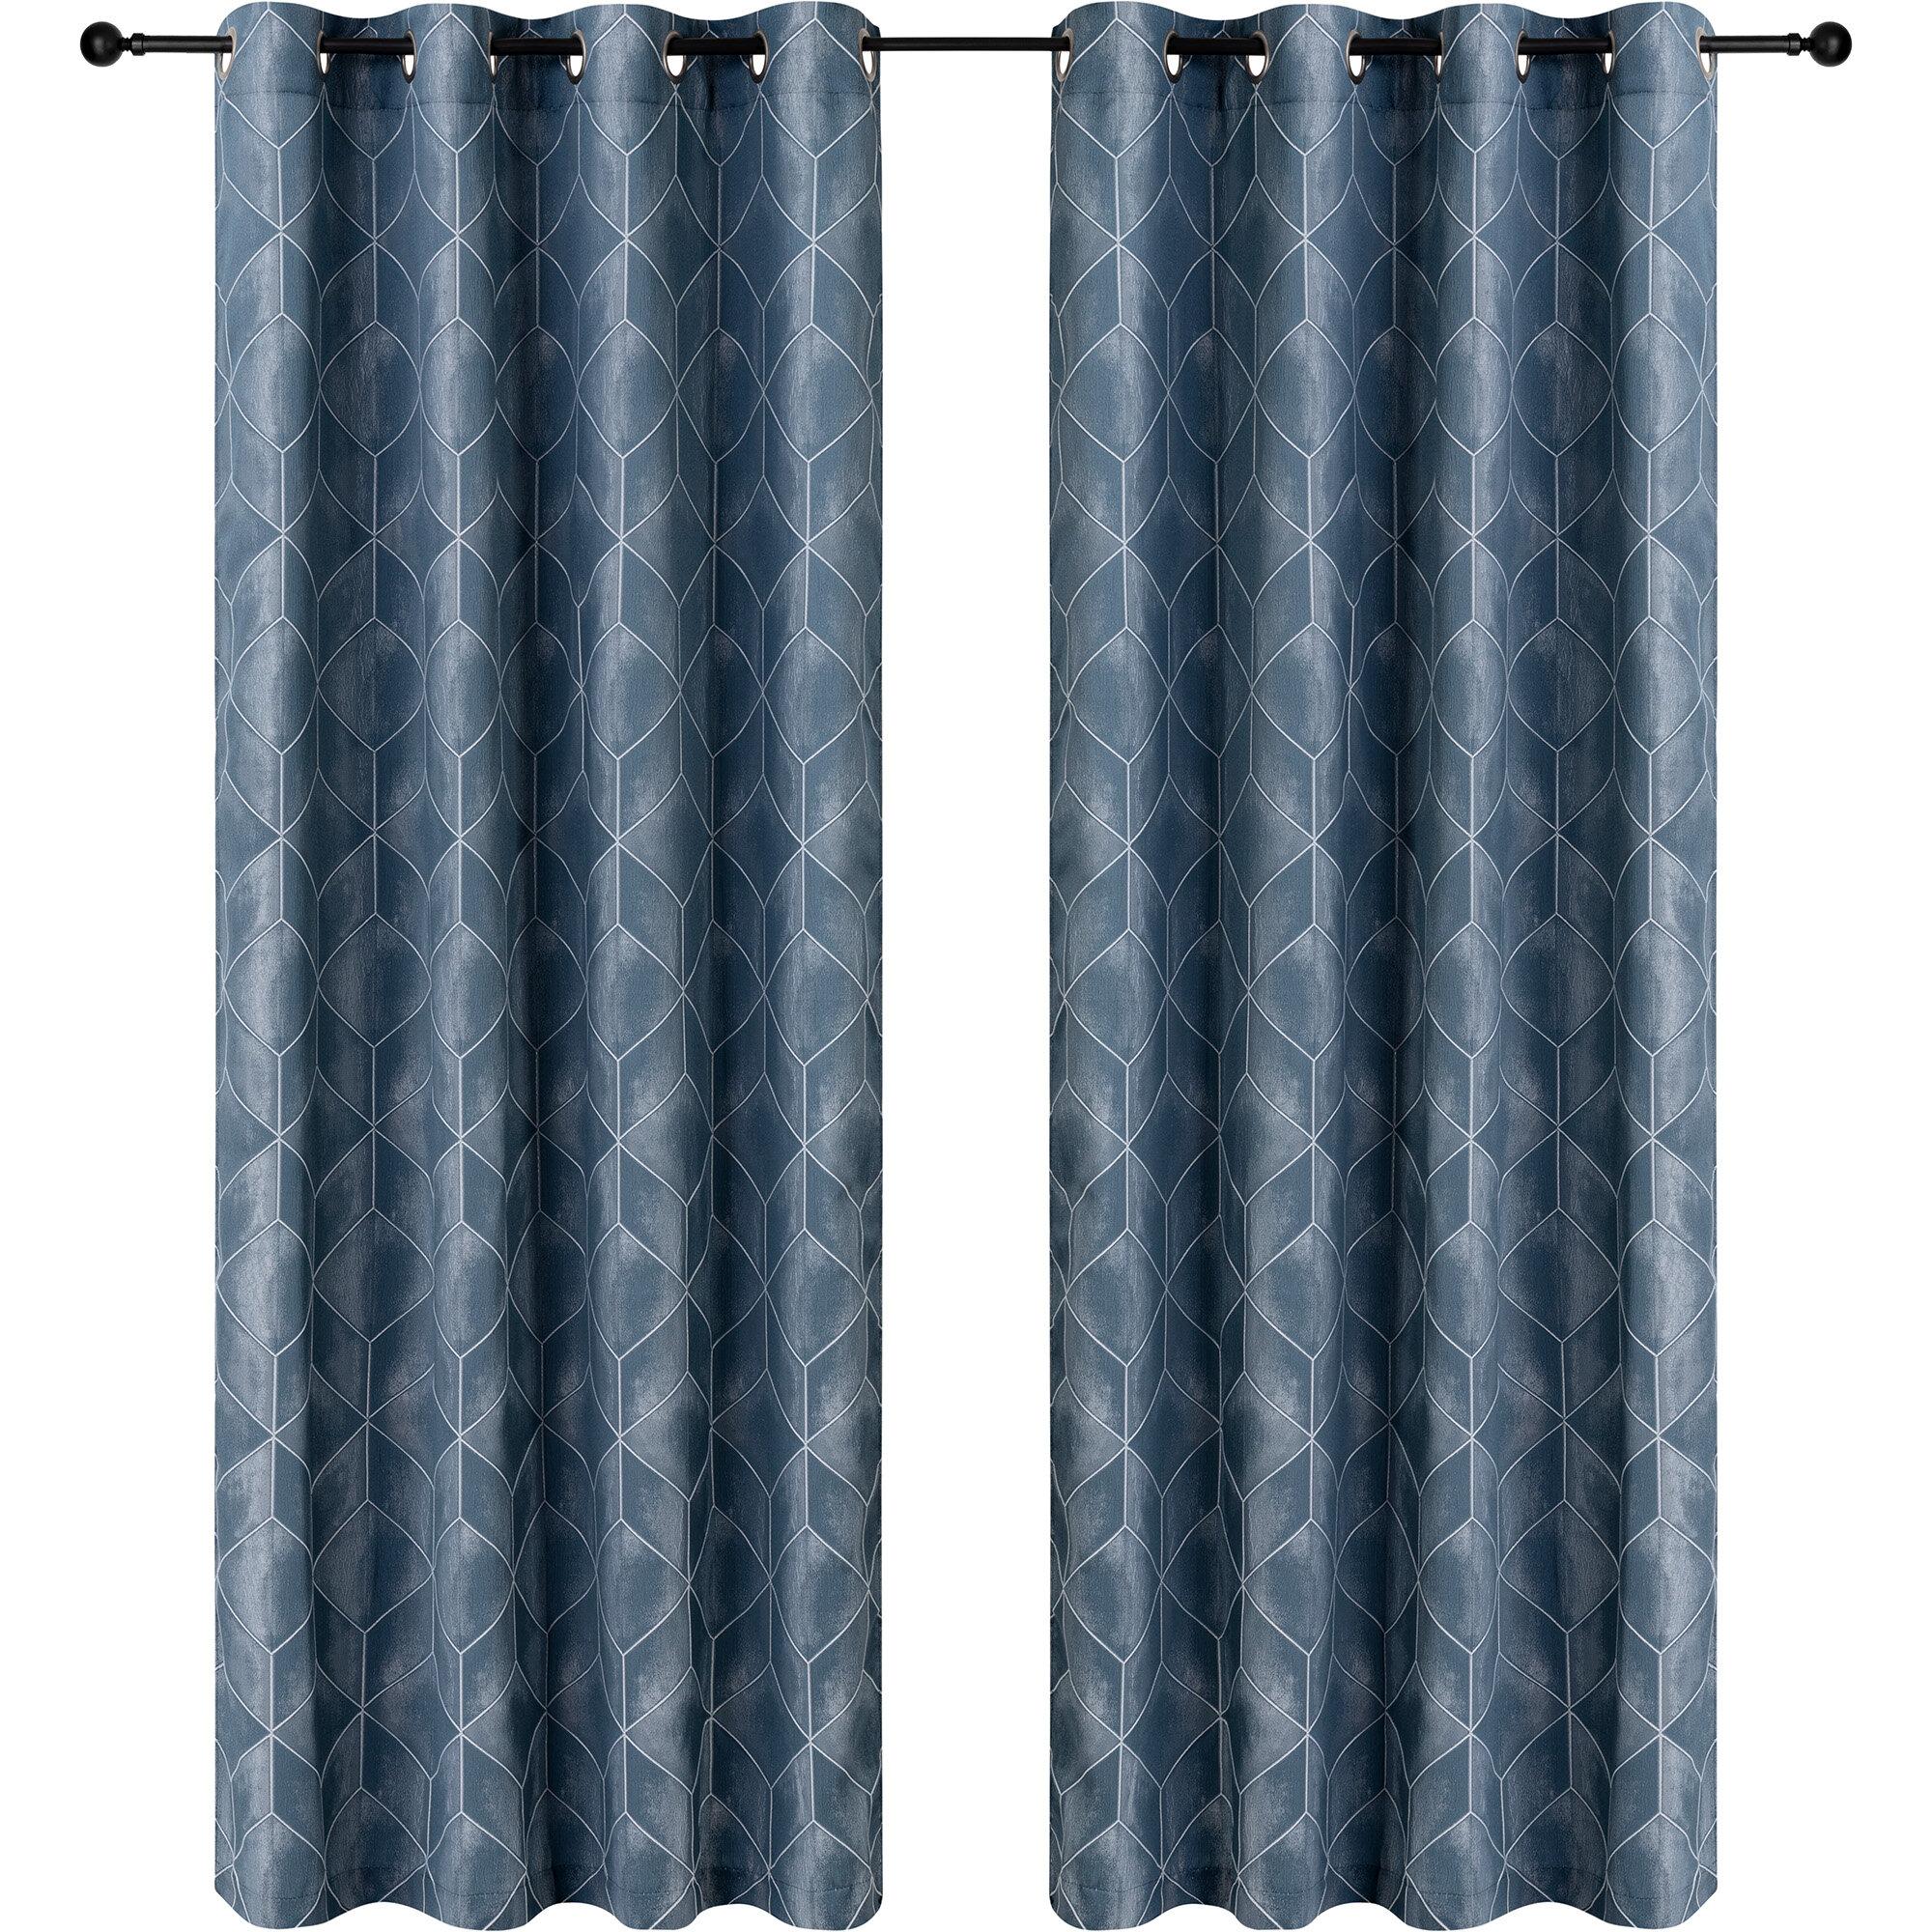 Safdie Co Inc Geometric Blackout Grommet Curtain Panels Reviews Wayfair